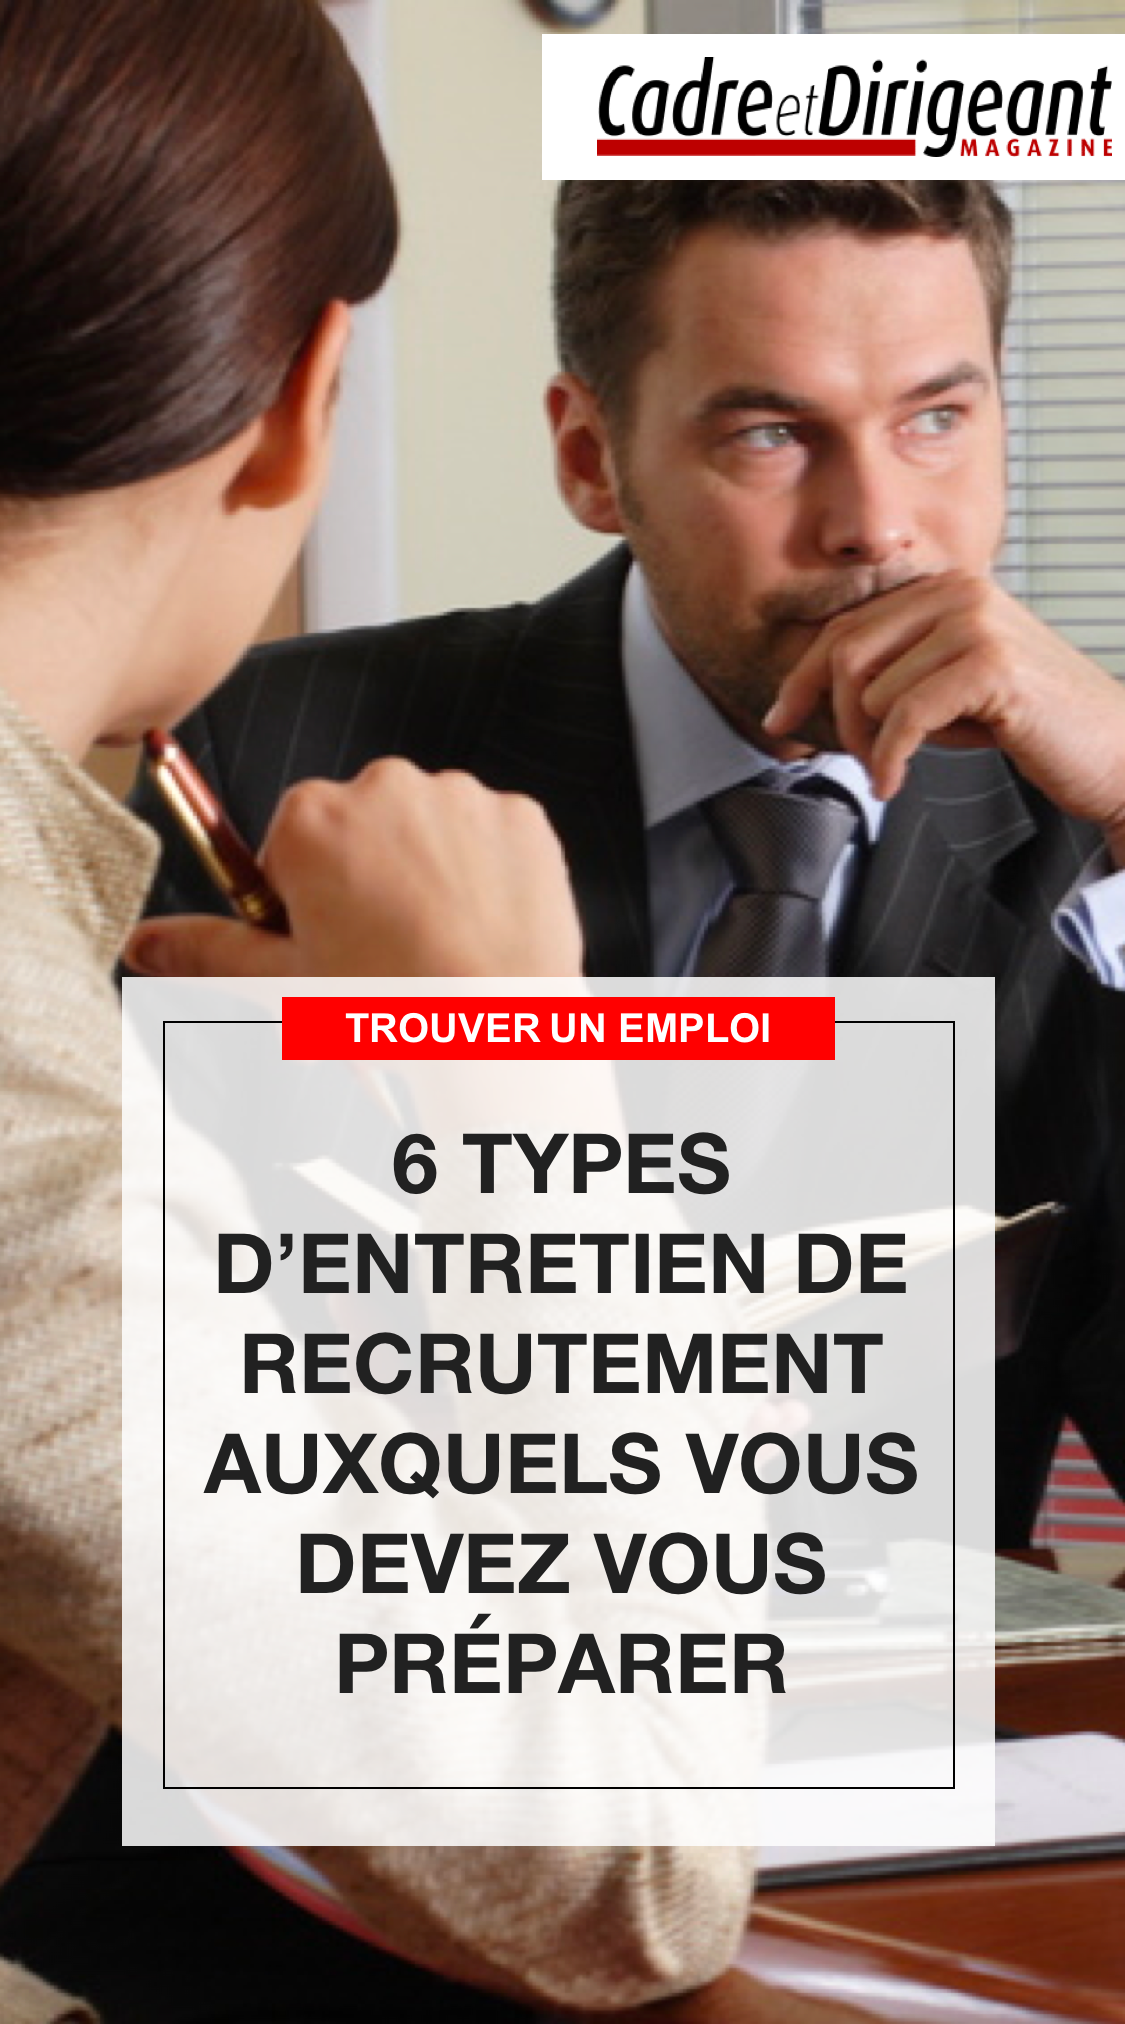 6 Types D Entretien De Recrutement Auxquels Vous Devez Vous Preparer Entretien De Recrutement Entretien Embauche Recrutement